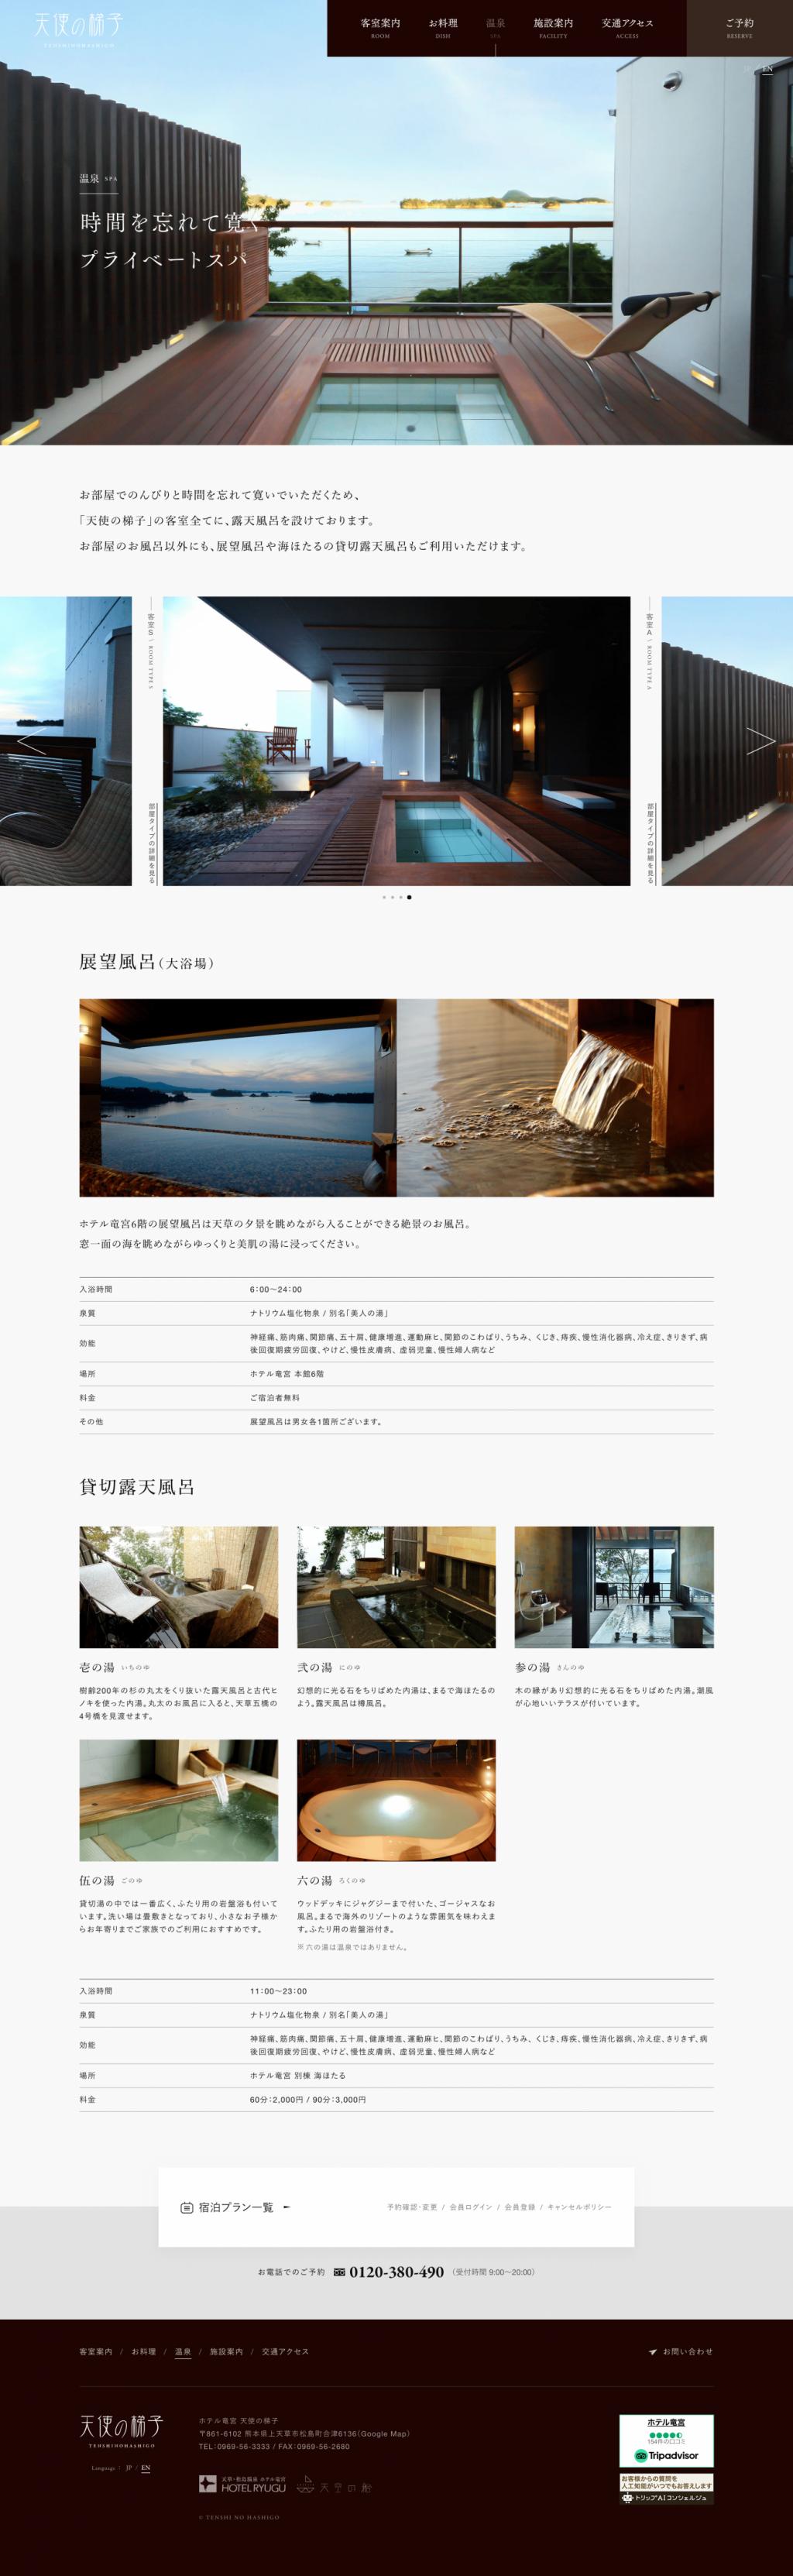 天使の梯子サイトのパソコン表示